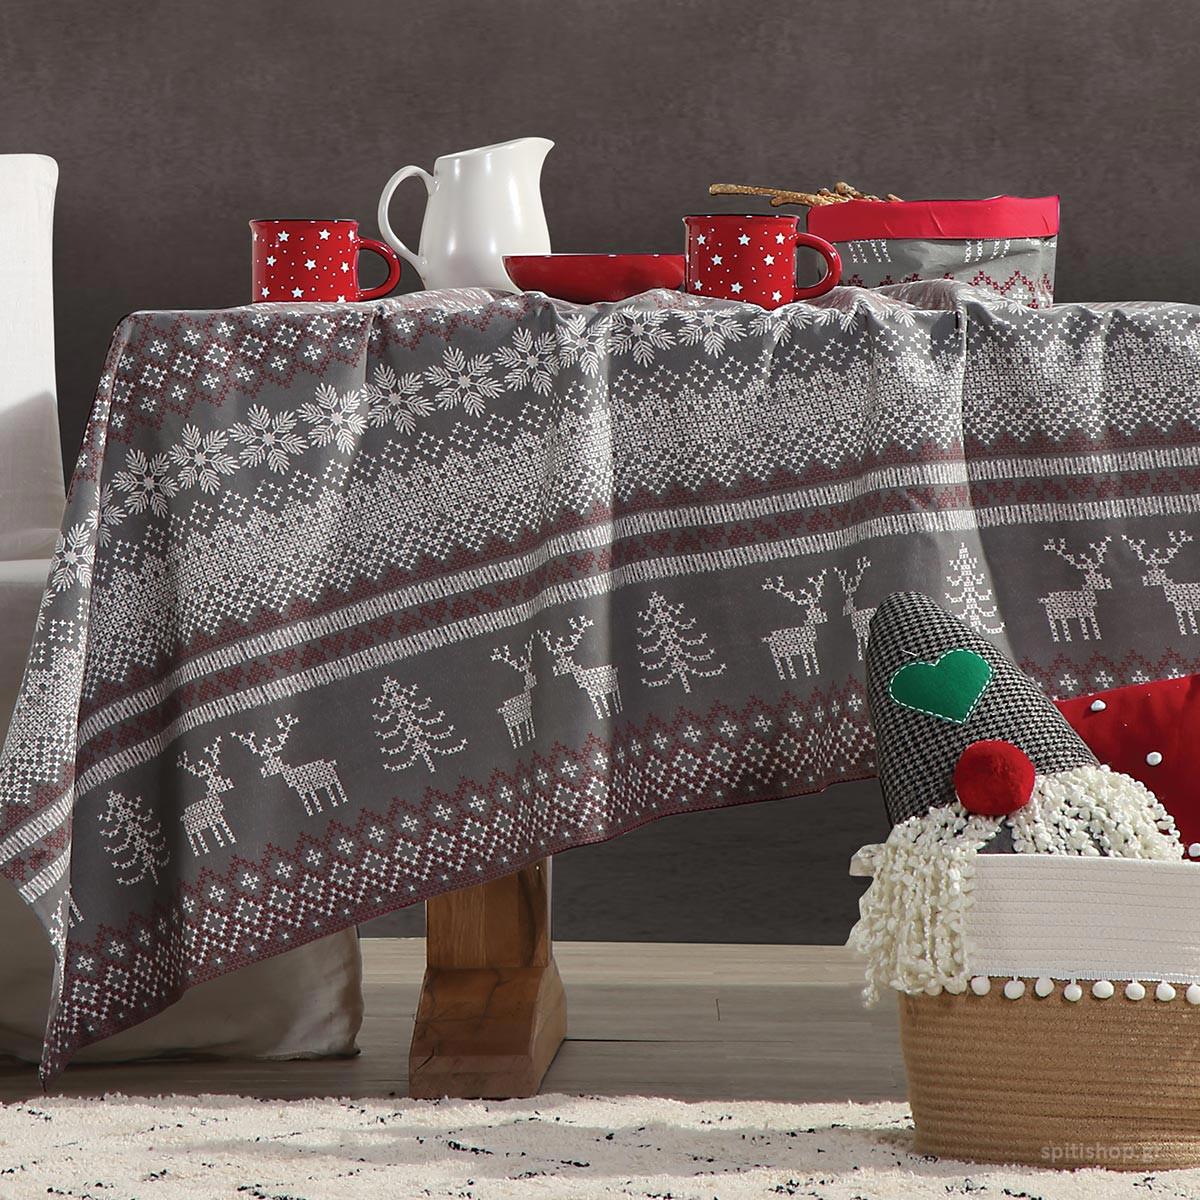 Χριστουγεννιάτικο Τραπεζομάντηλο (140×140) Nef-Nef Greetings